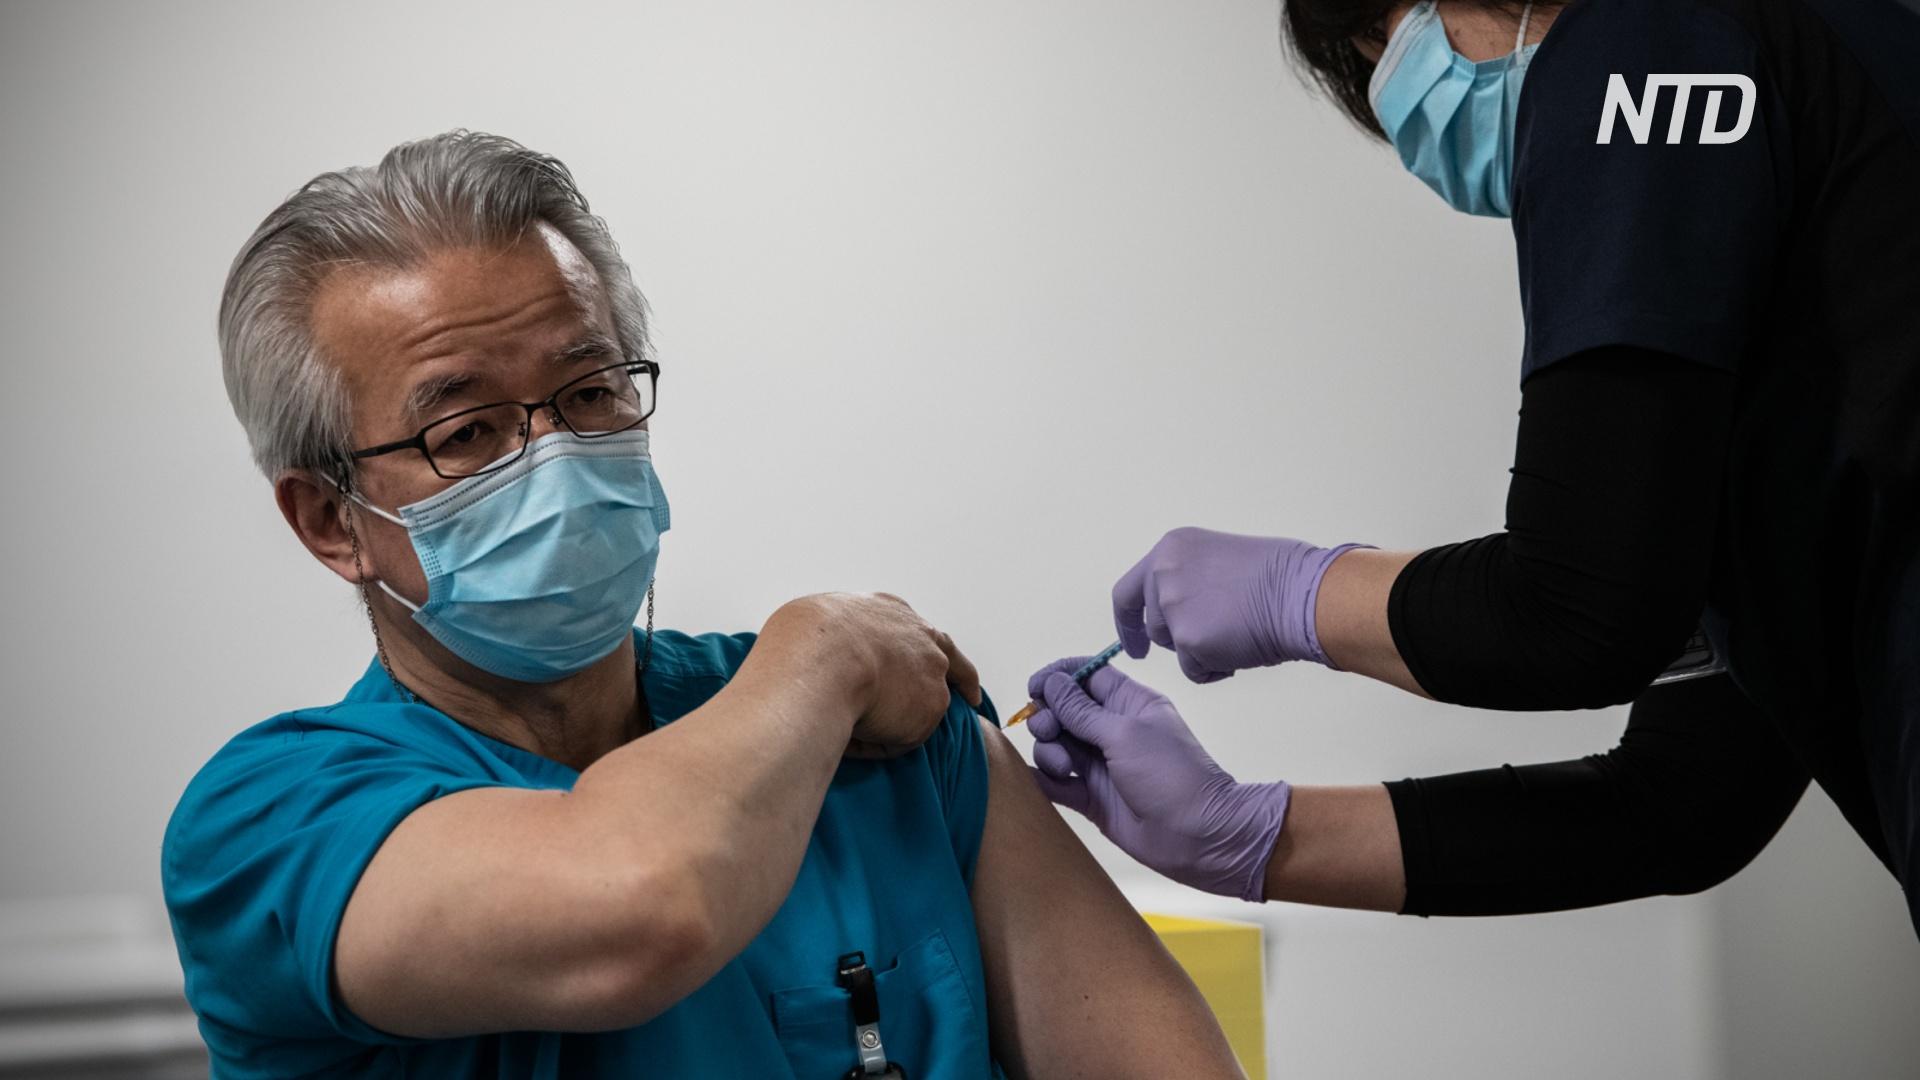 В преддверии Олимпиады Япония открыла центры массовой вакцинации от COVID-19